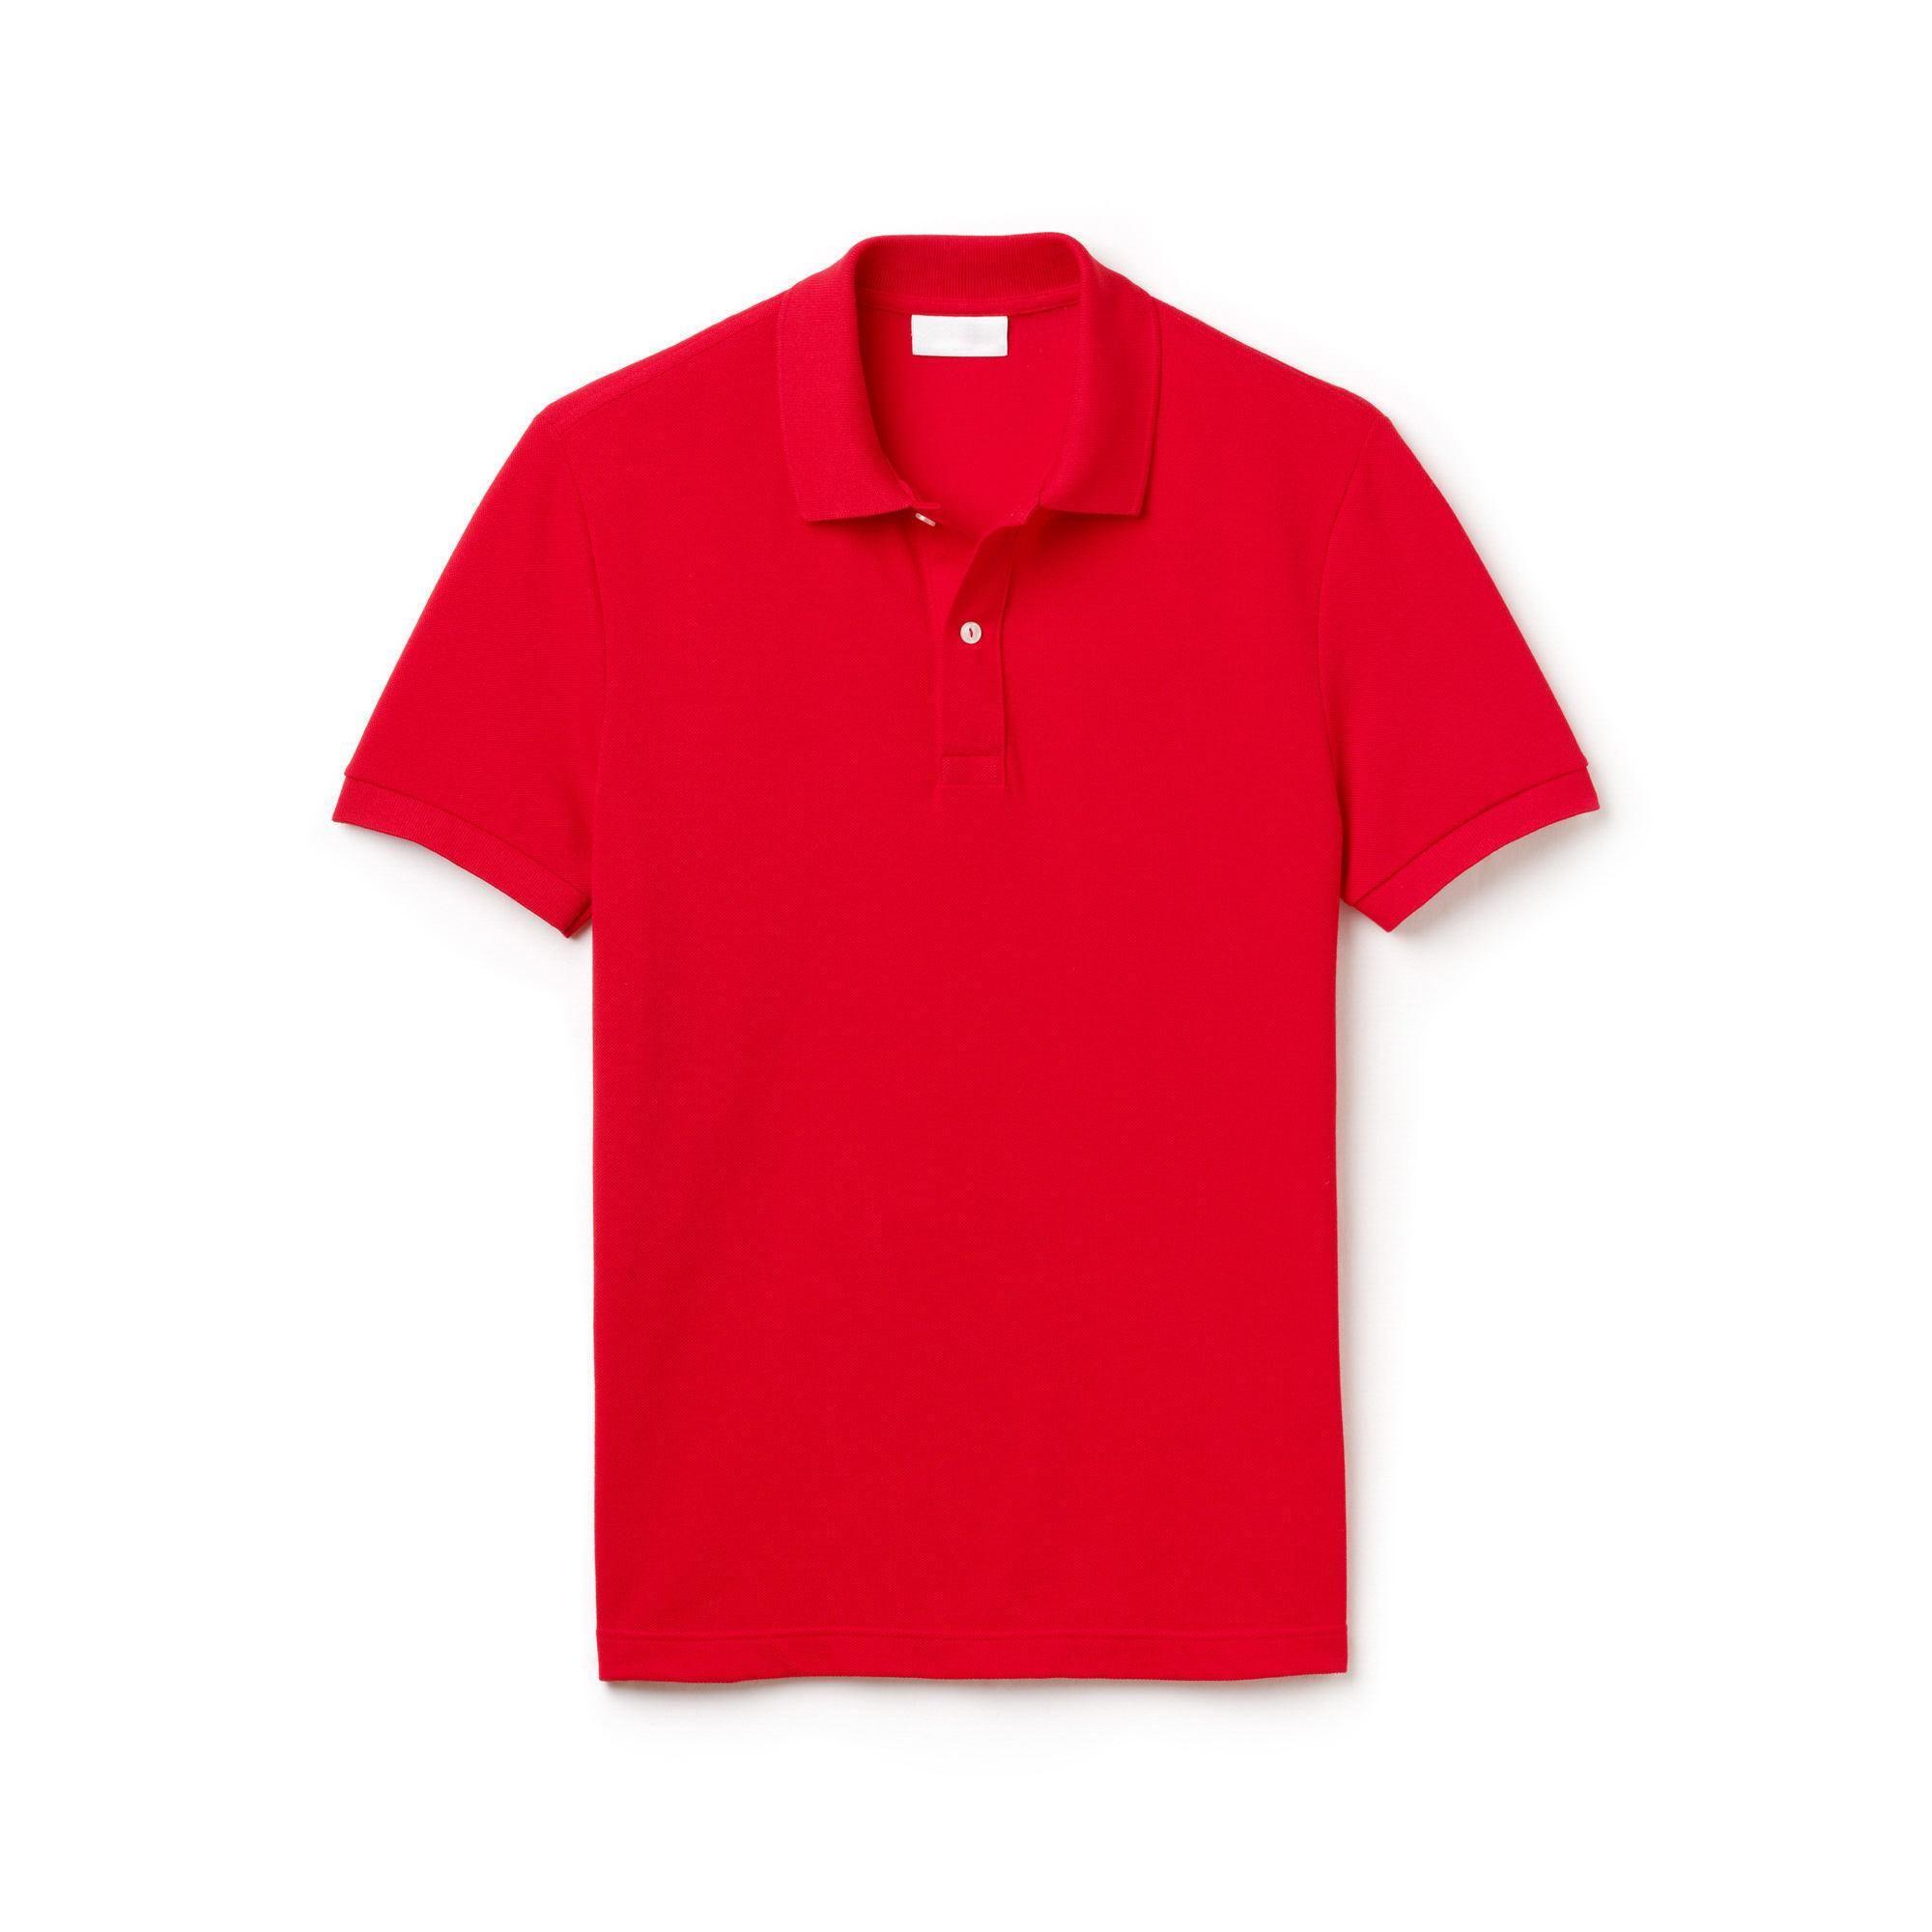 Mens polo crocodilo camiseta moda frança homens clássico verão polos camisa preto branco manga curta